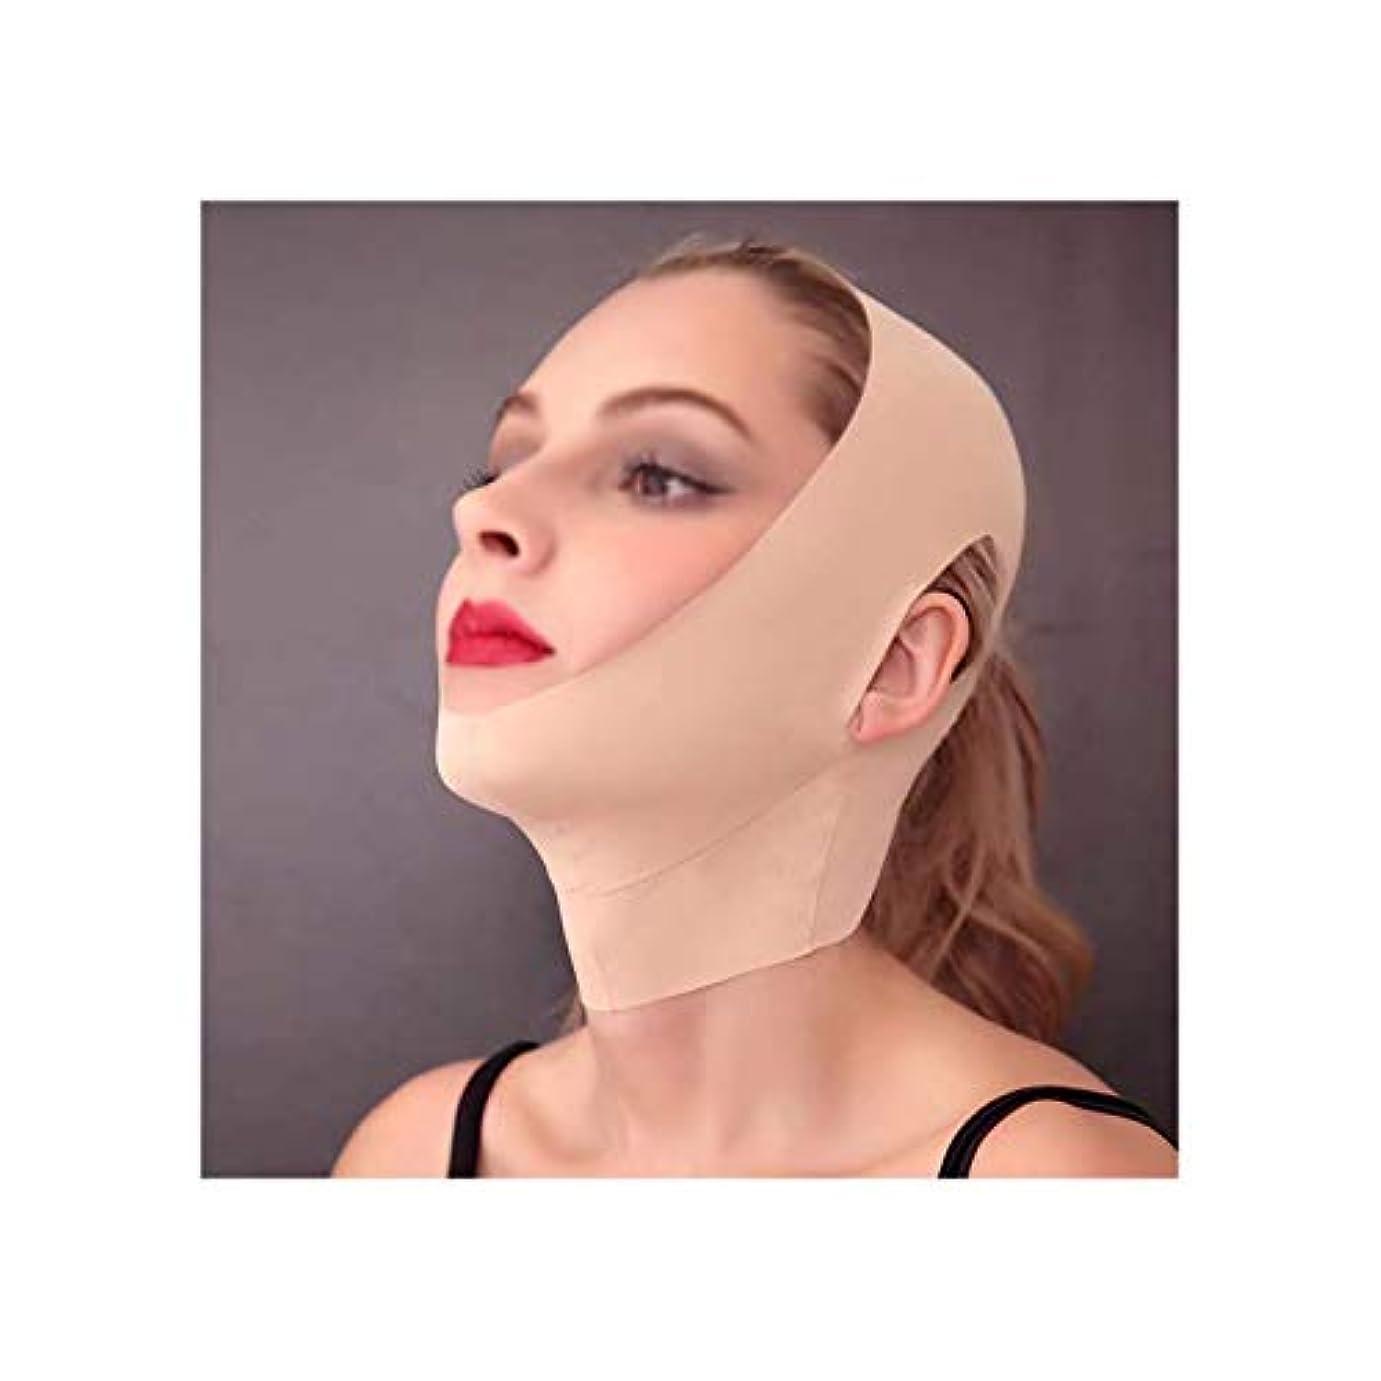 バスタブ世界記録のギネスブックショッキングフェイシャルマスク、フェイスリフティングアーティファクト女性男性の睡眠顔Vフェイス包帯マスクリフティングフェイス補正引き締め顔に二重あご痩身ベルト